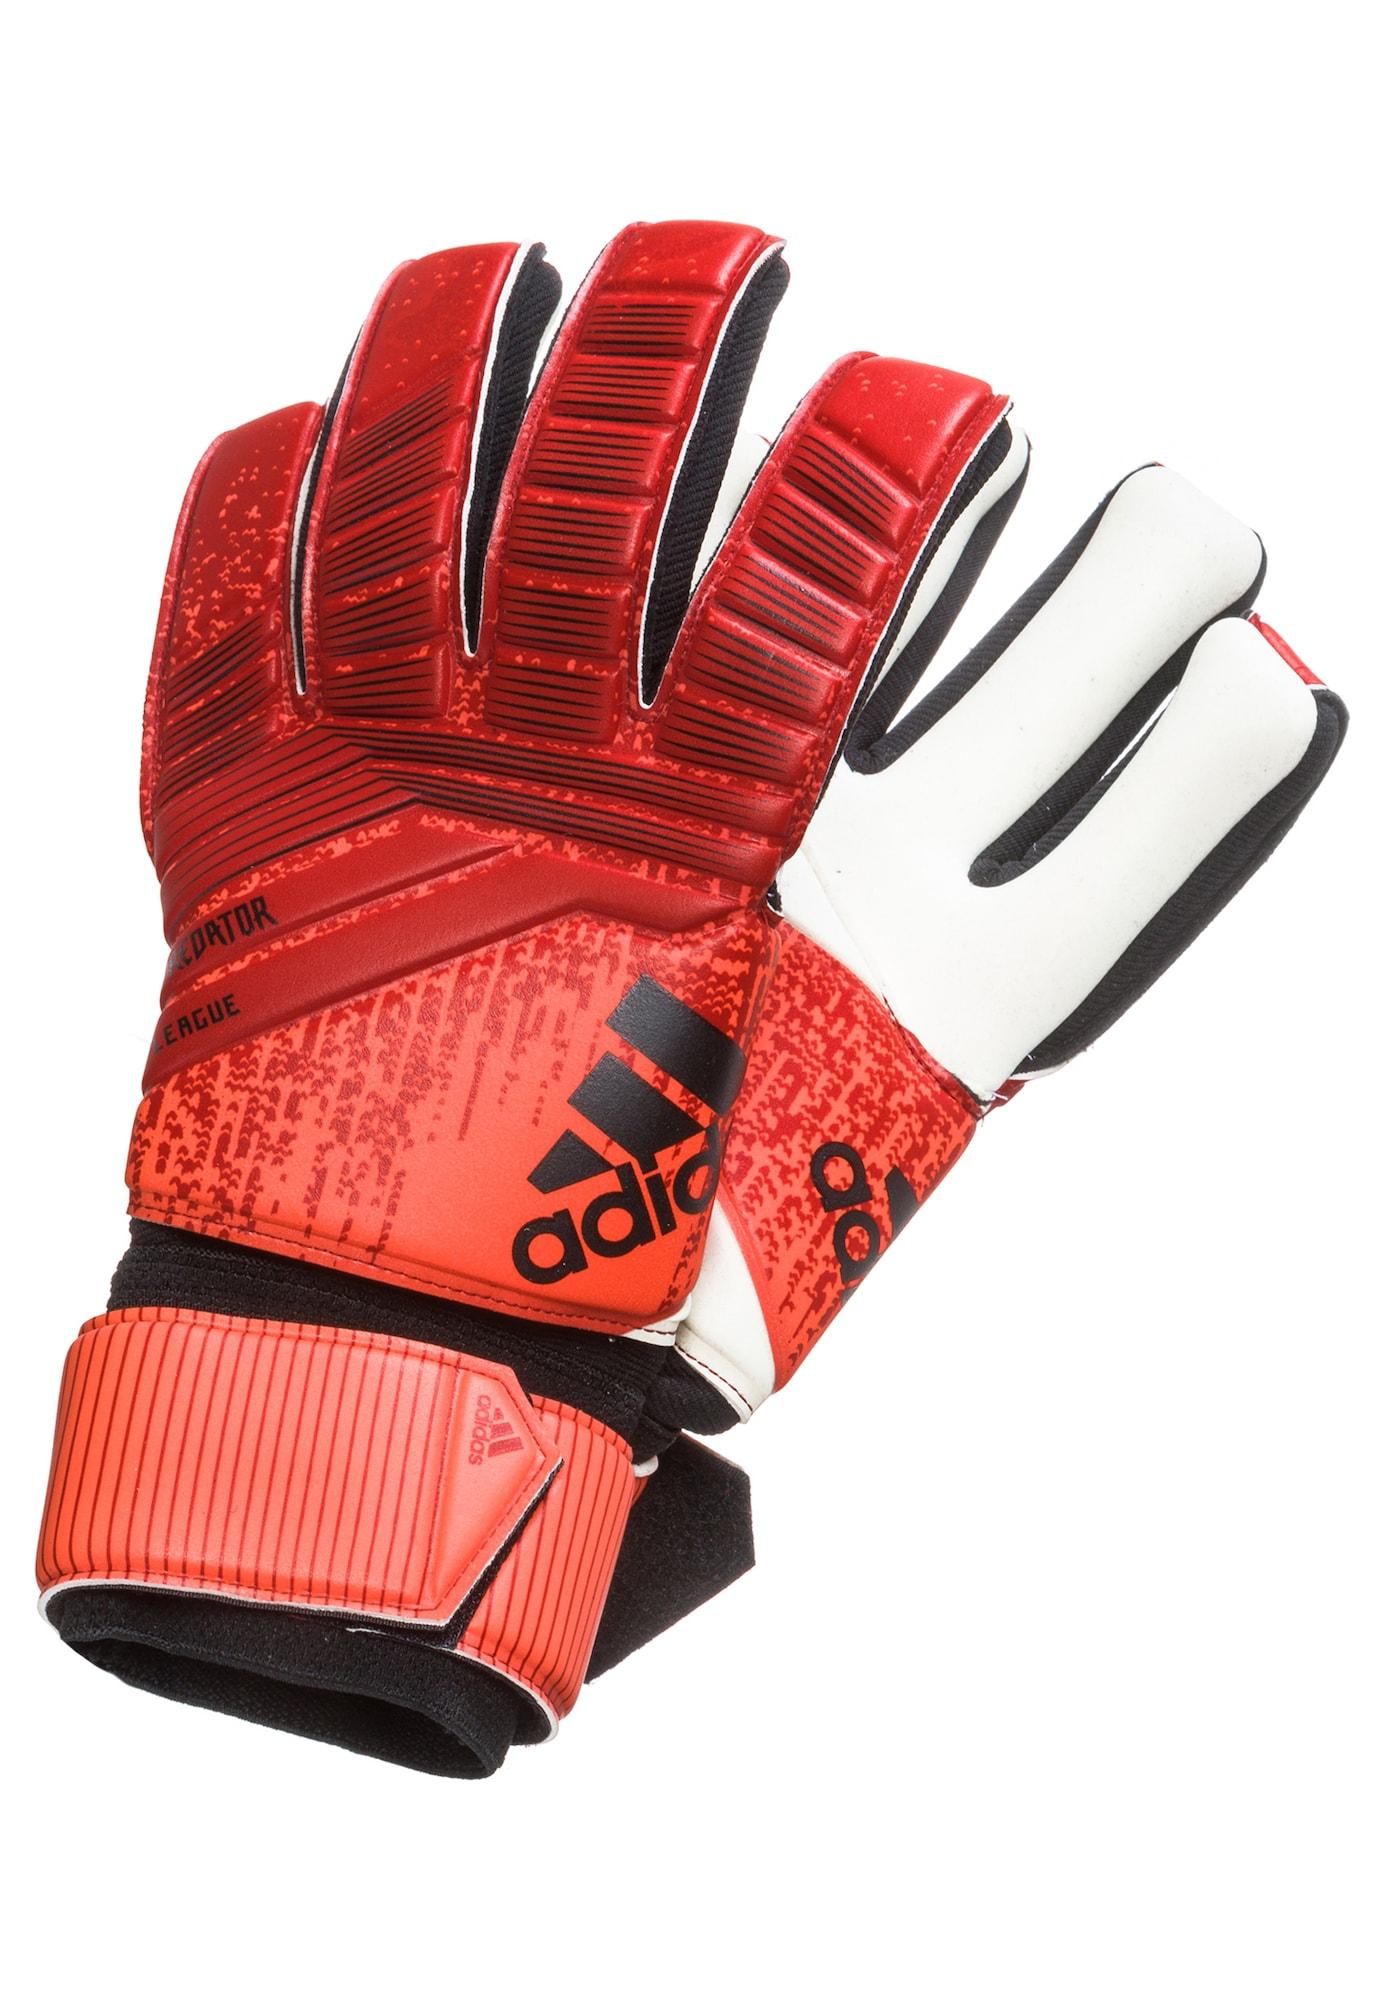 Torwarthandschuhe 'Predator League' | Accessoires > Handschuhe | Rot - Schwarz - Weiß | ADIDAS PERFORMANCE